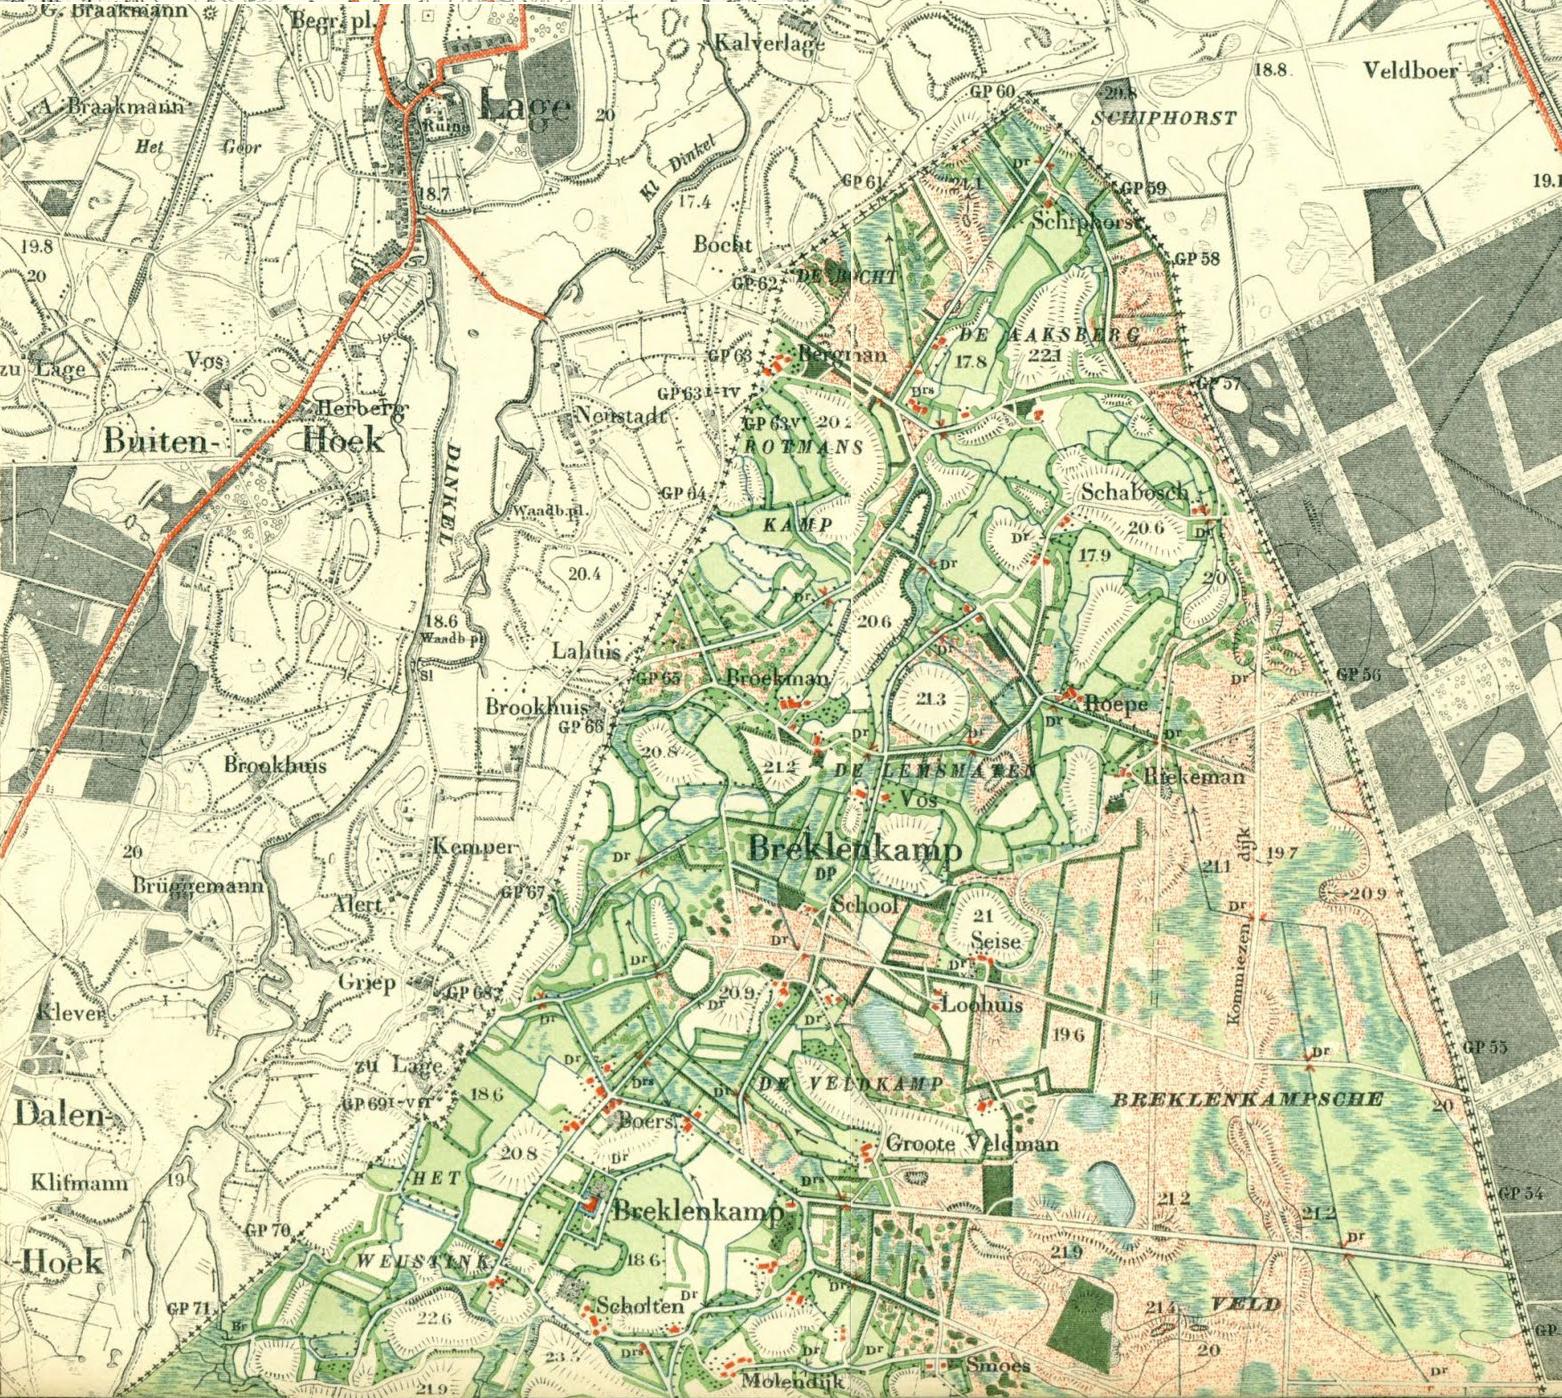 Topgrafische kaart 1901